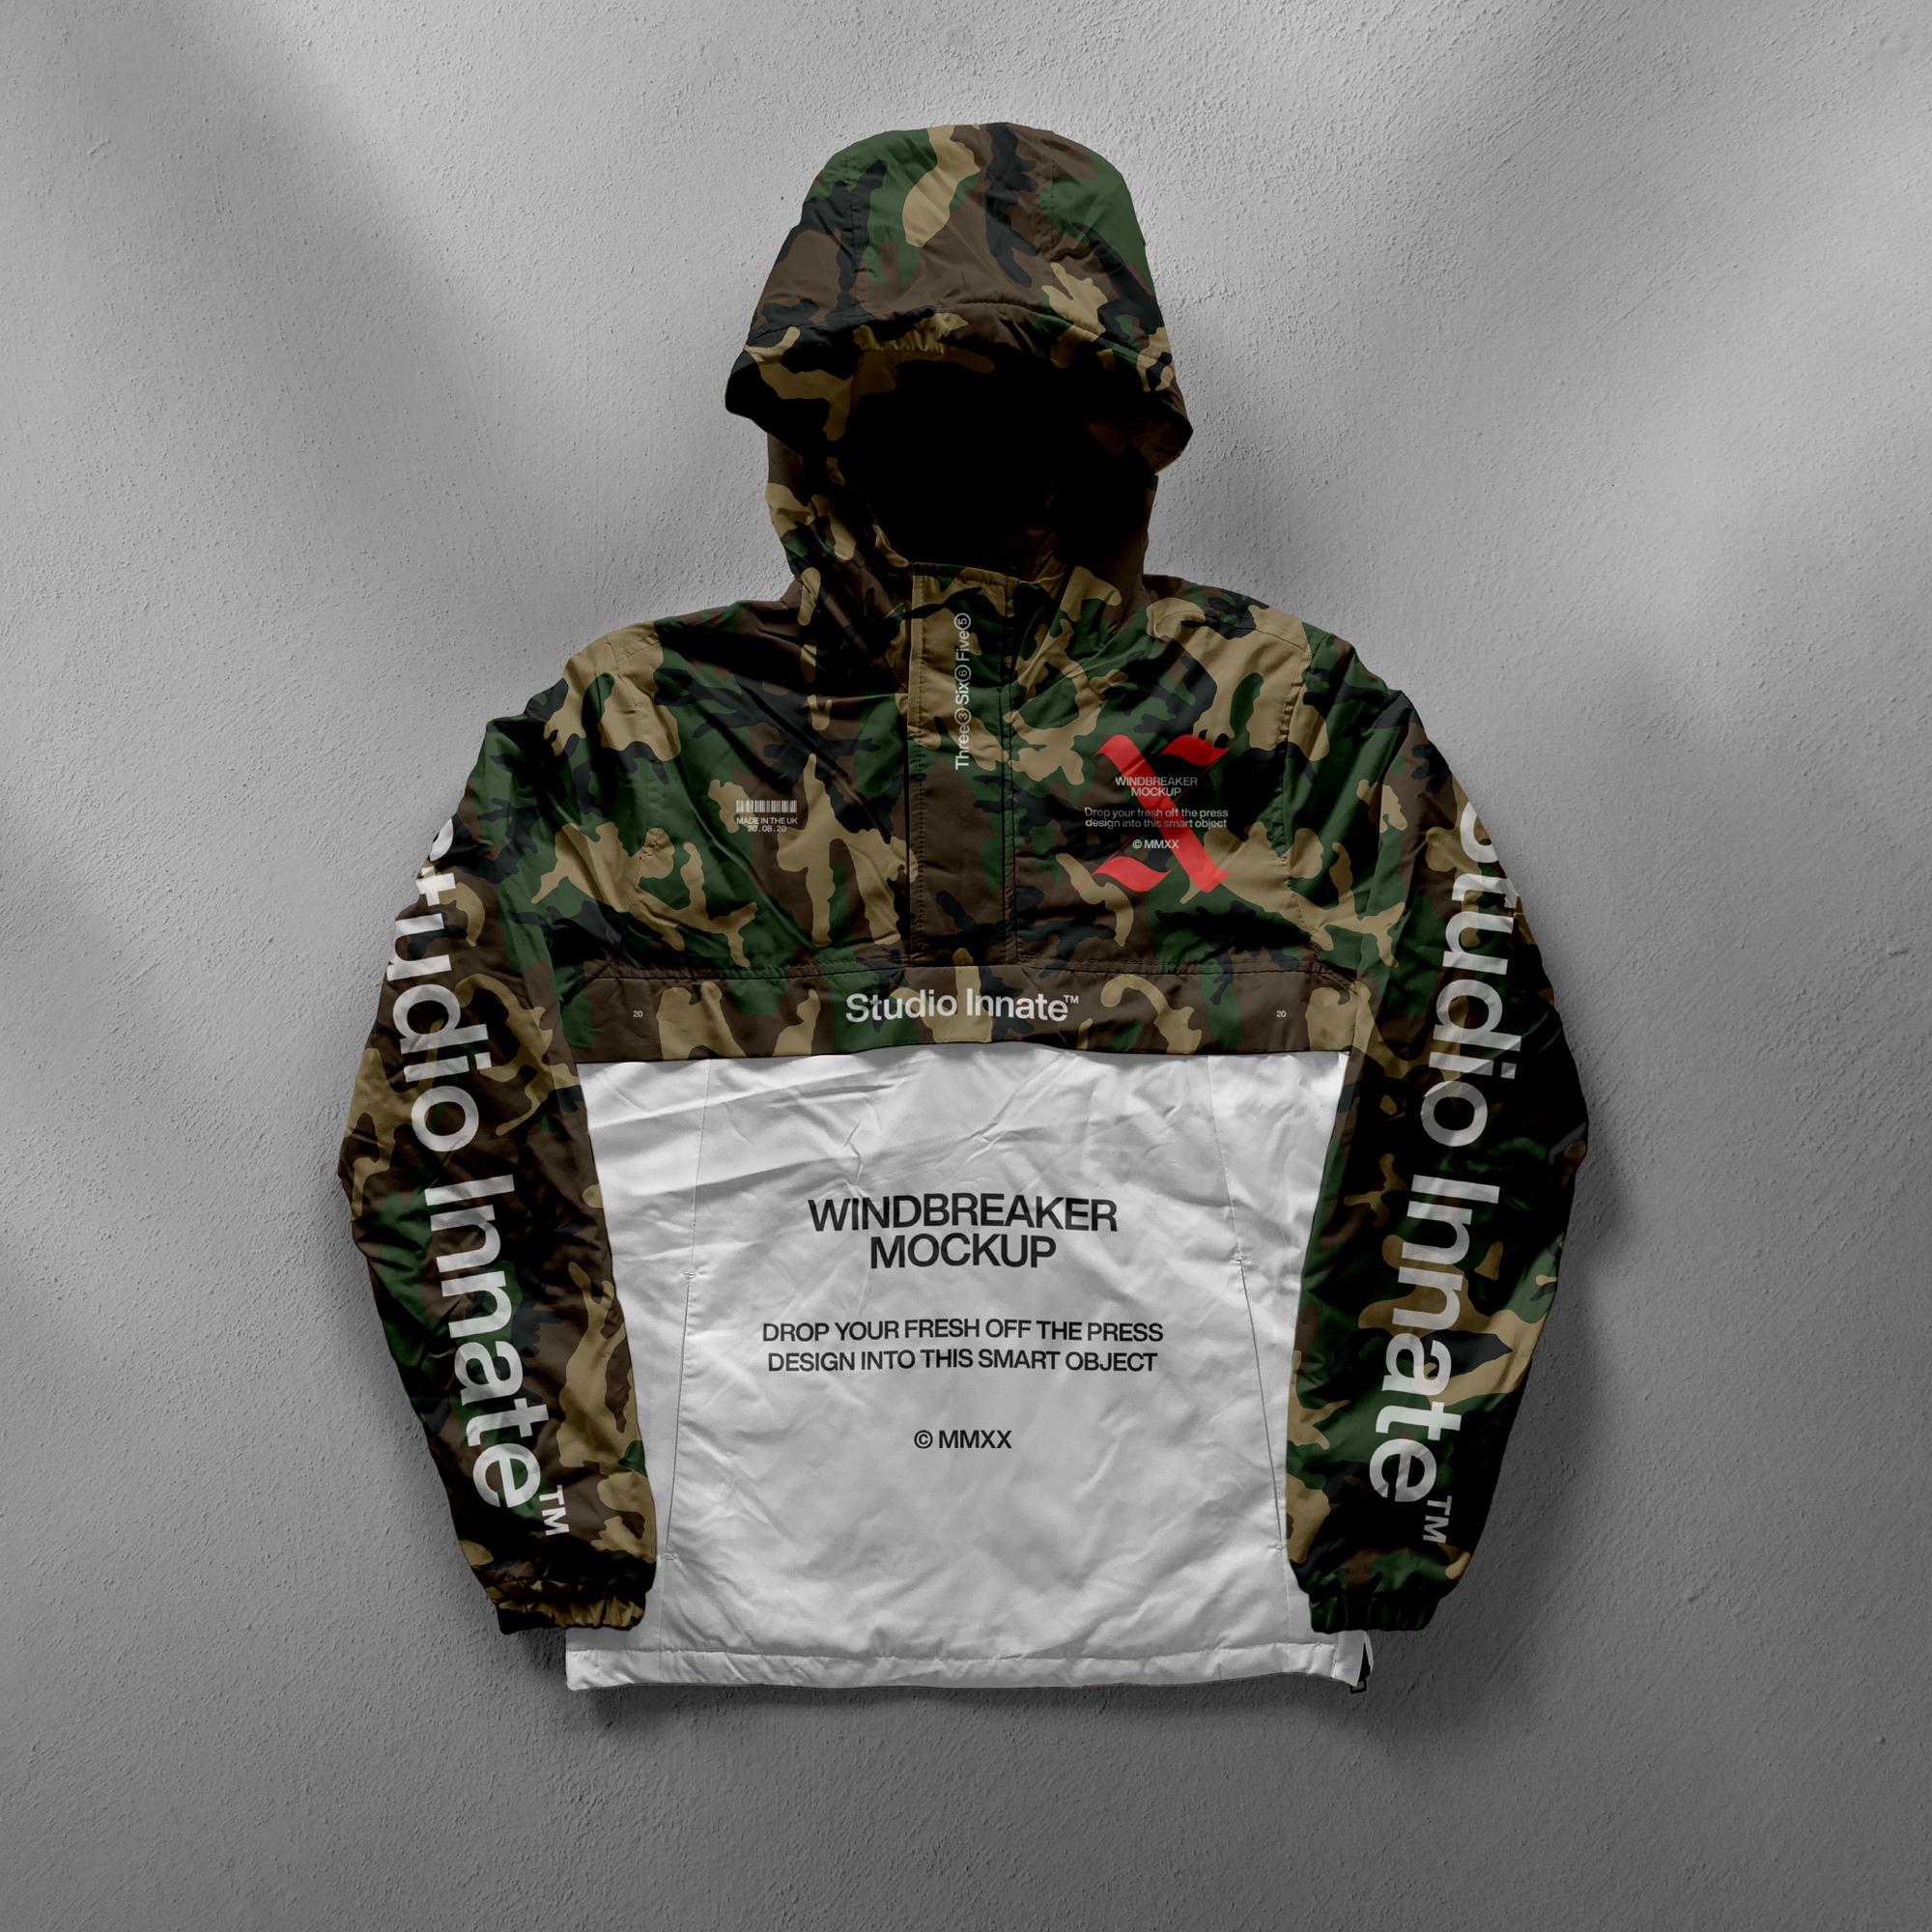 带帽风衣羽绒服设计展示样机模板合集 Windbreaker Jacket Mockup Bundle插图